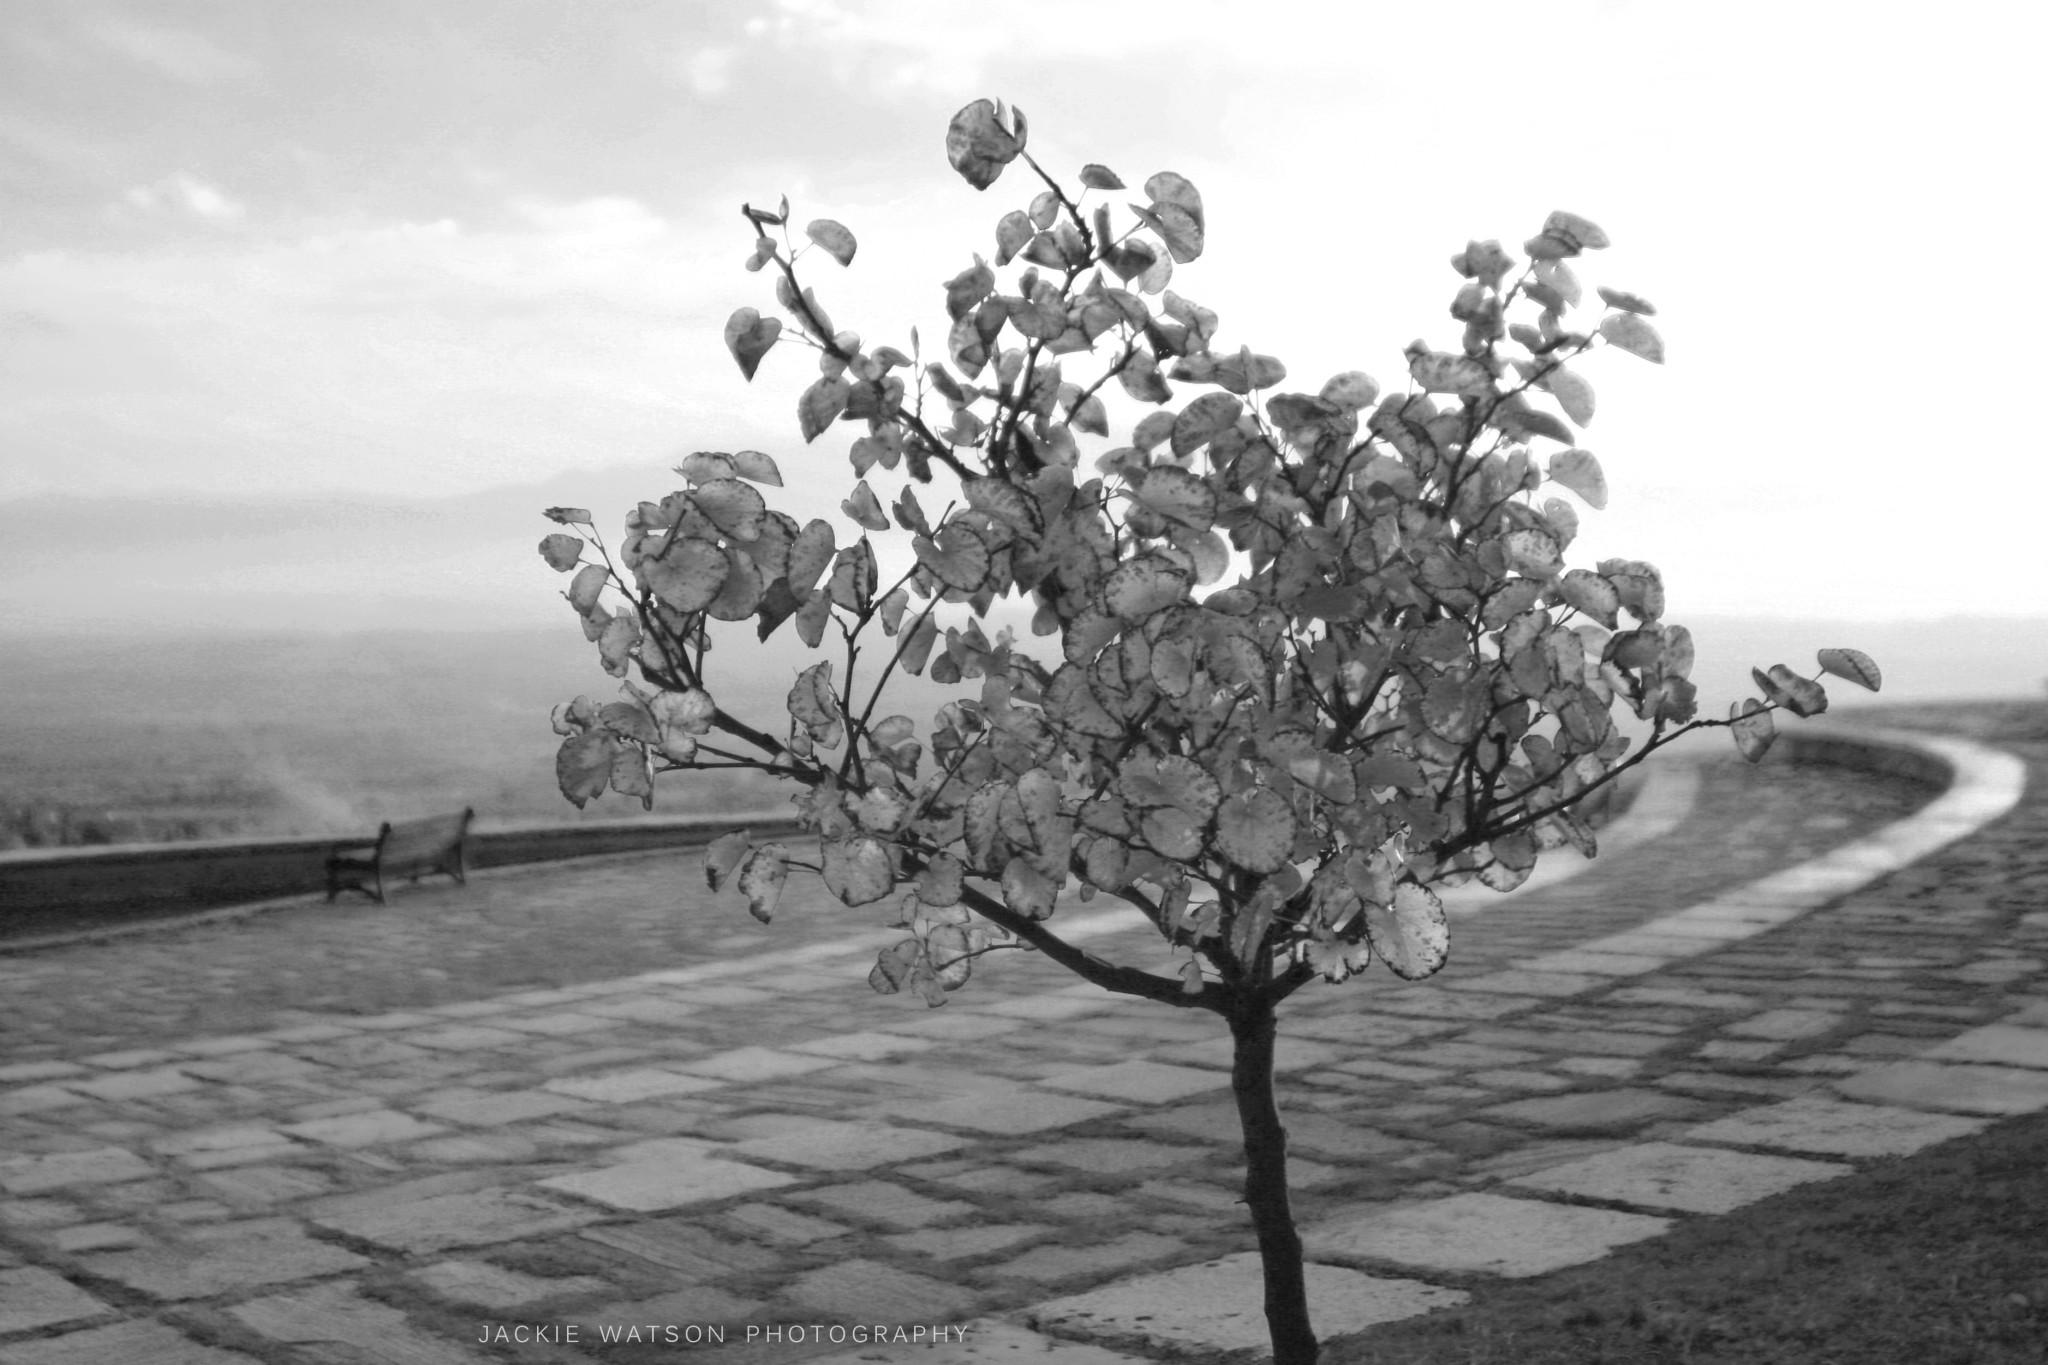 Turkey Destination Wedding & Travel Photographer